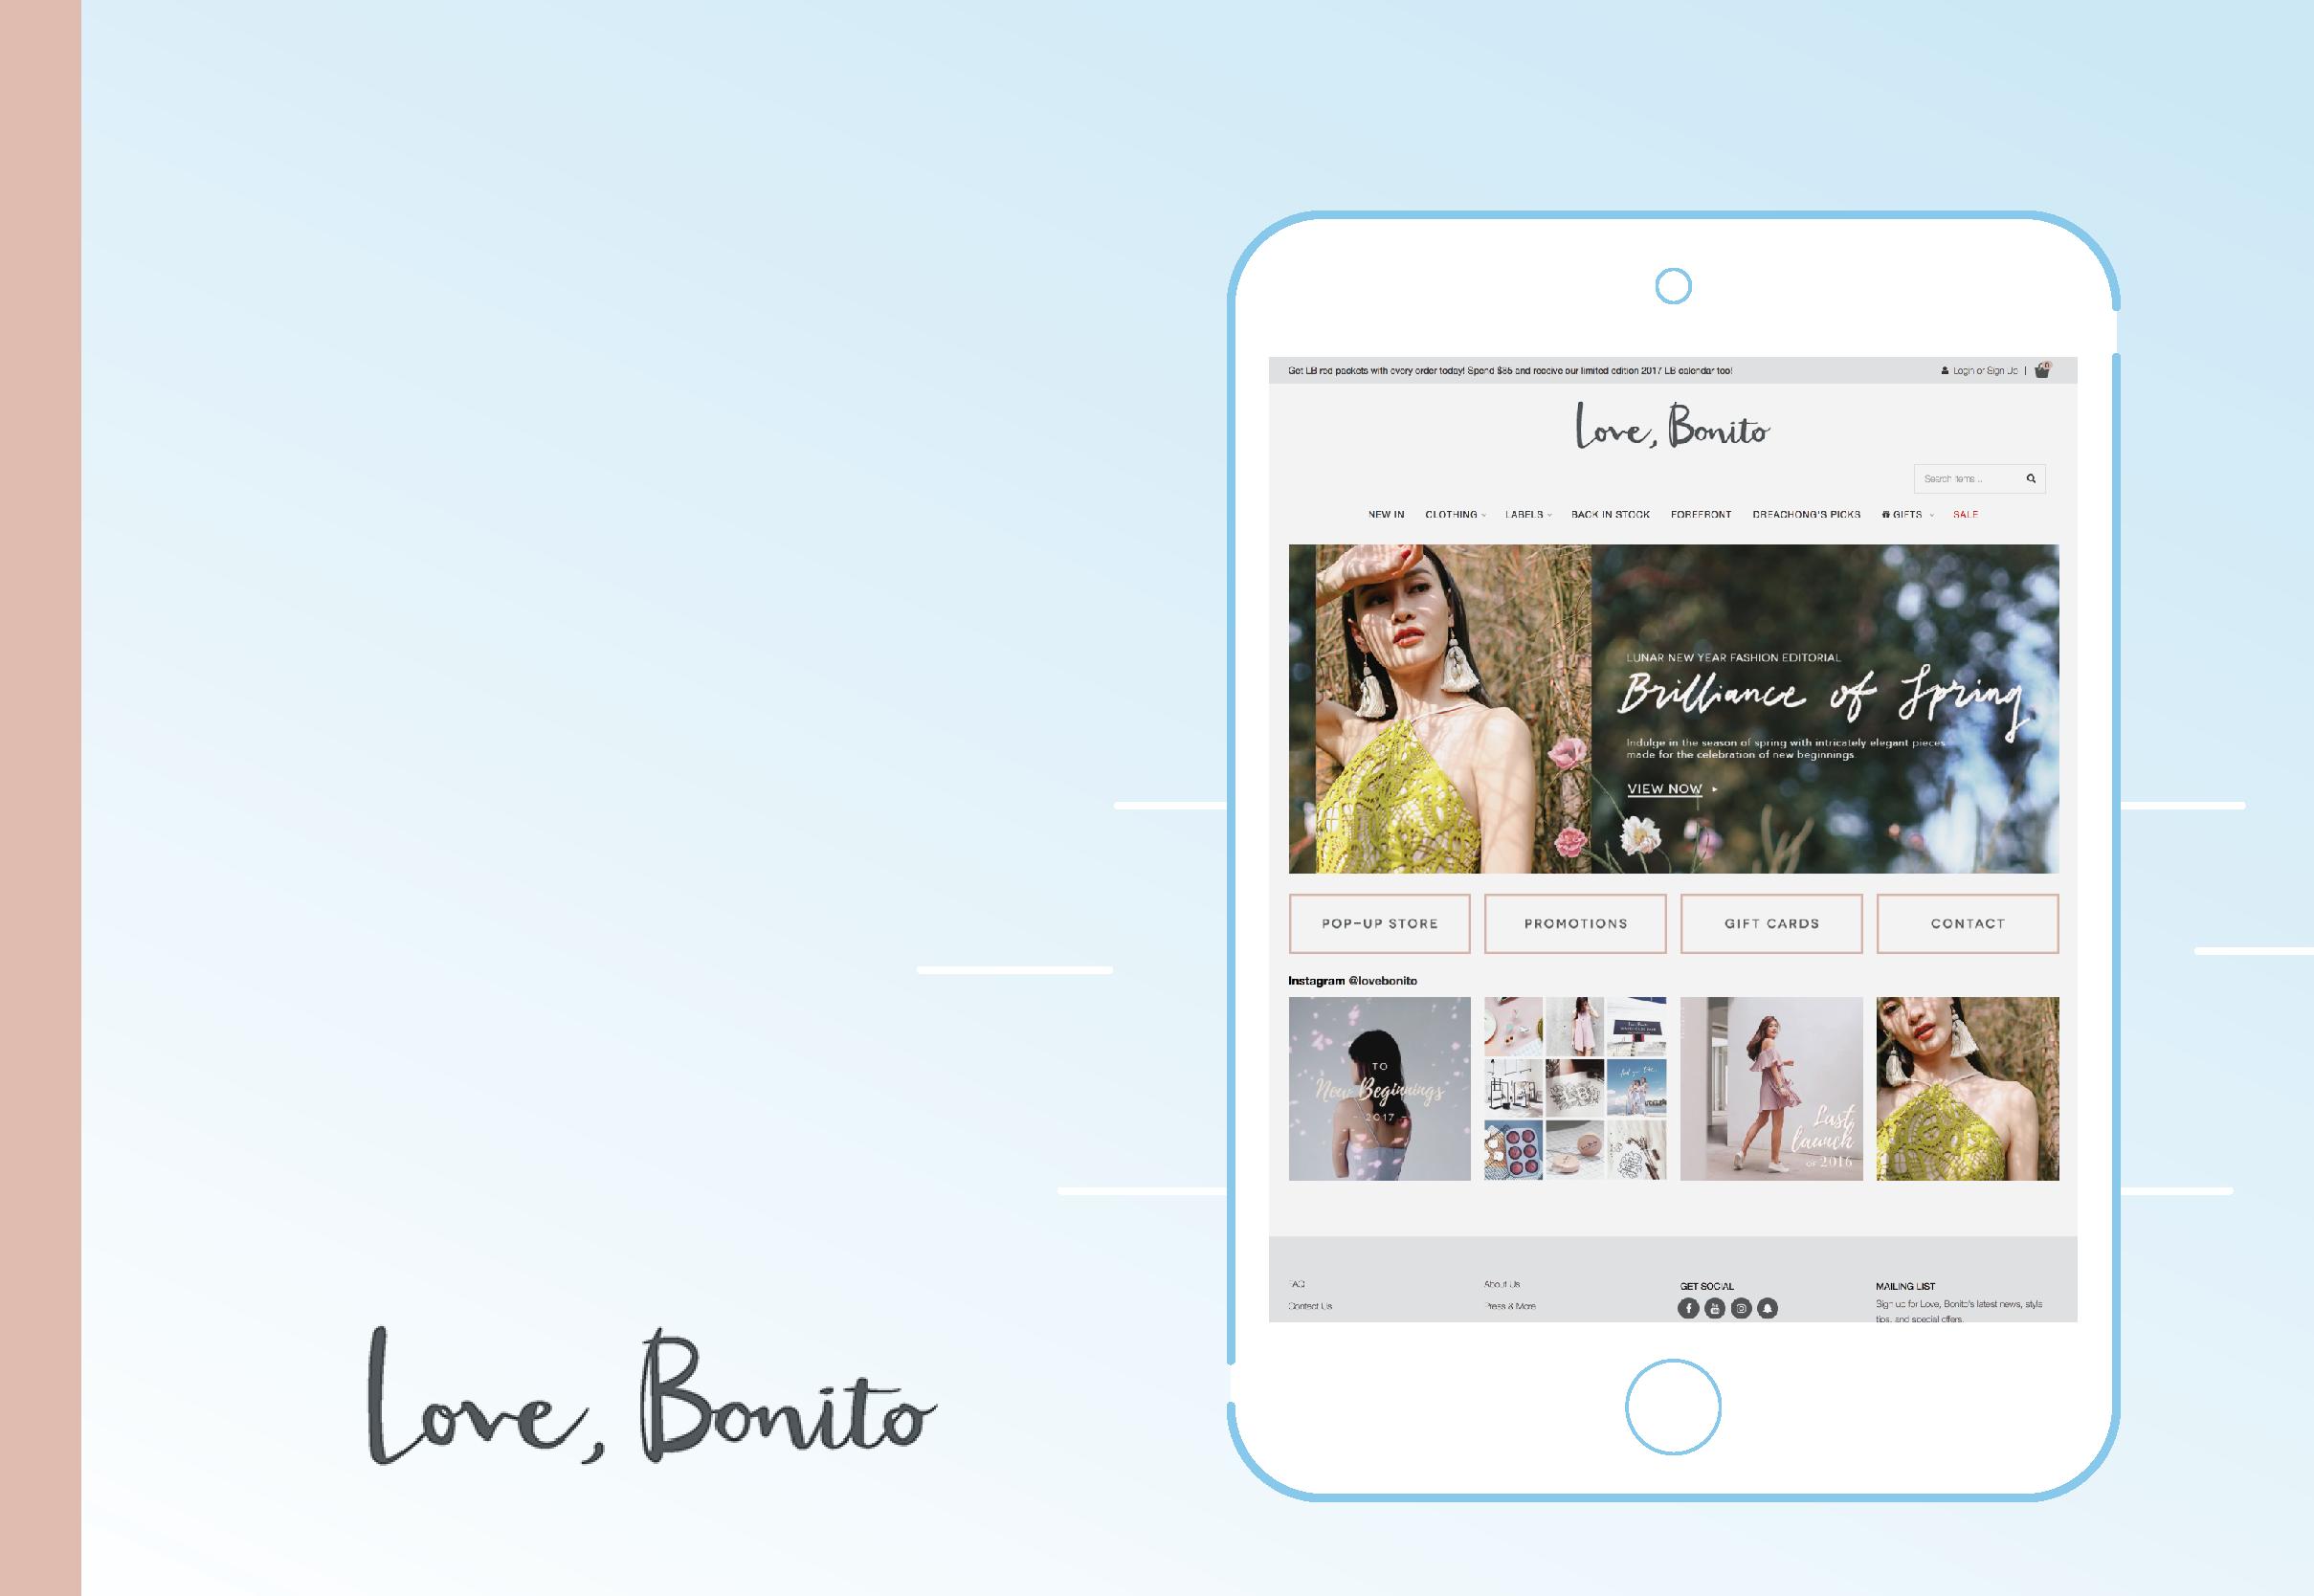 Tampil Chic dengan Koleksi Fashion dari Love, Bonito